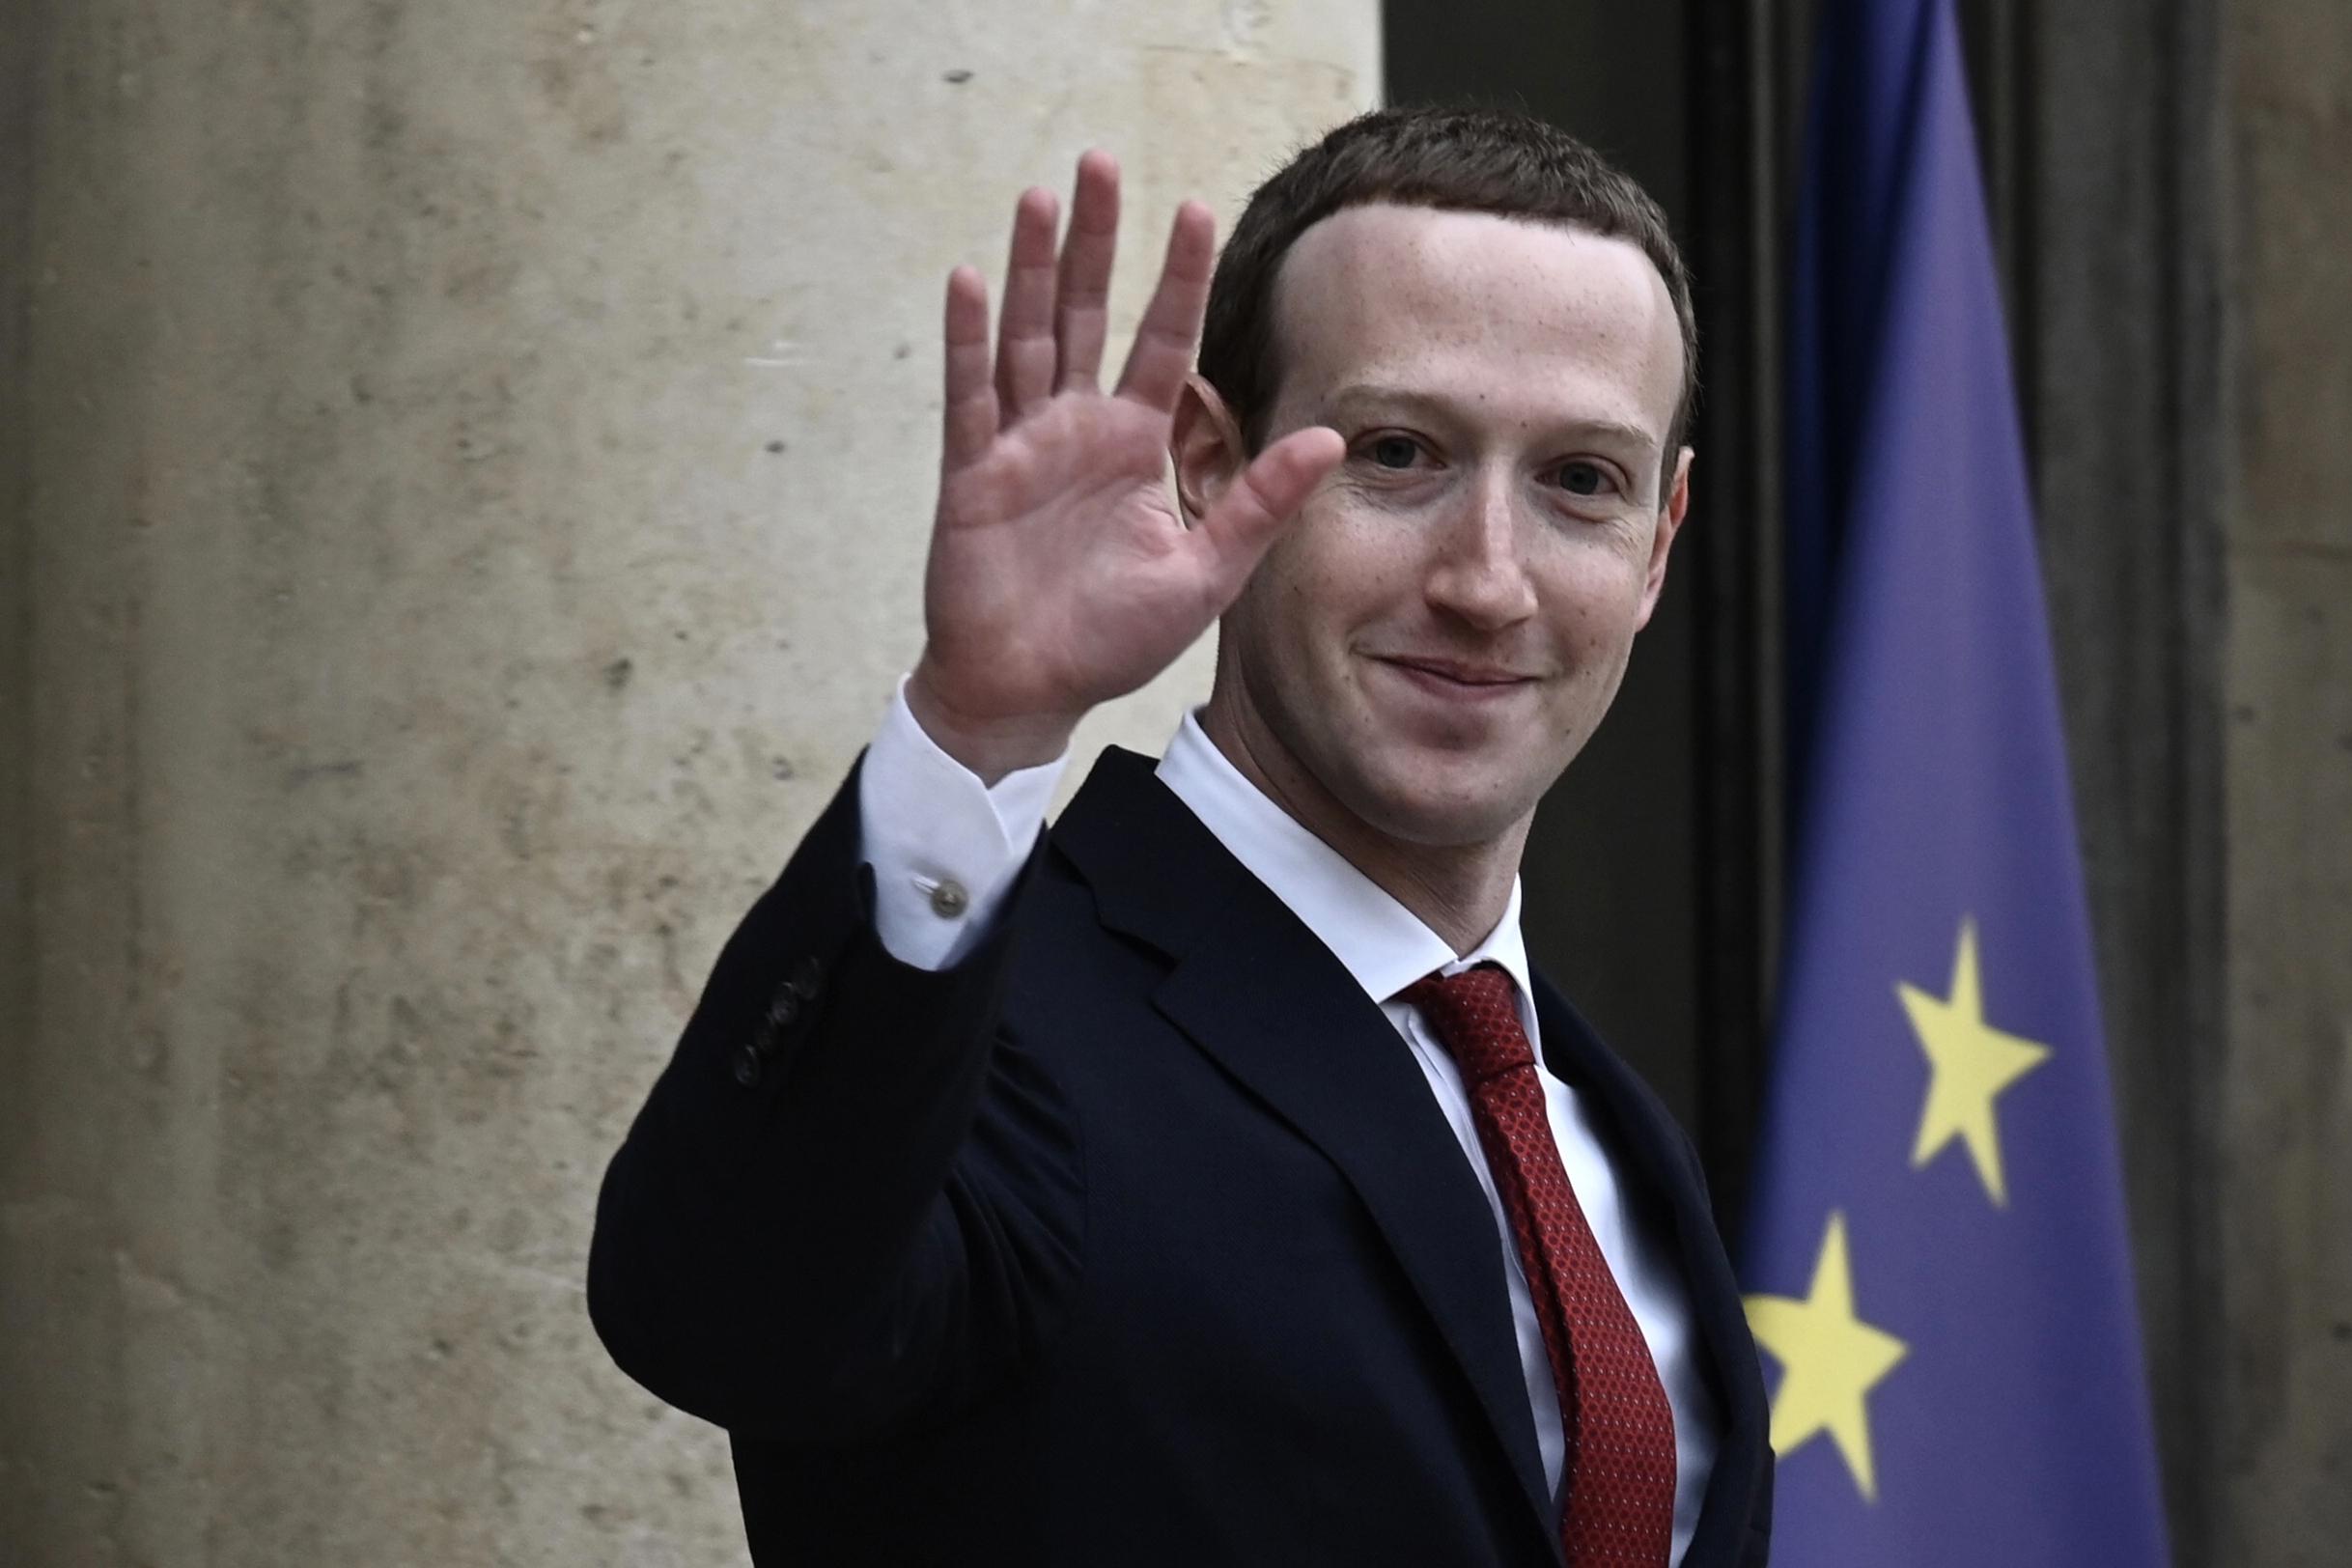 Az elnökválasztás után újra több hülyeség jöhet a Facebookra